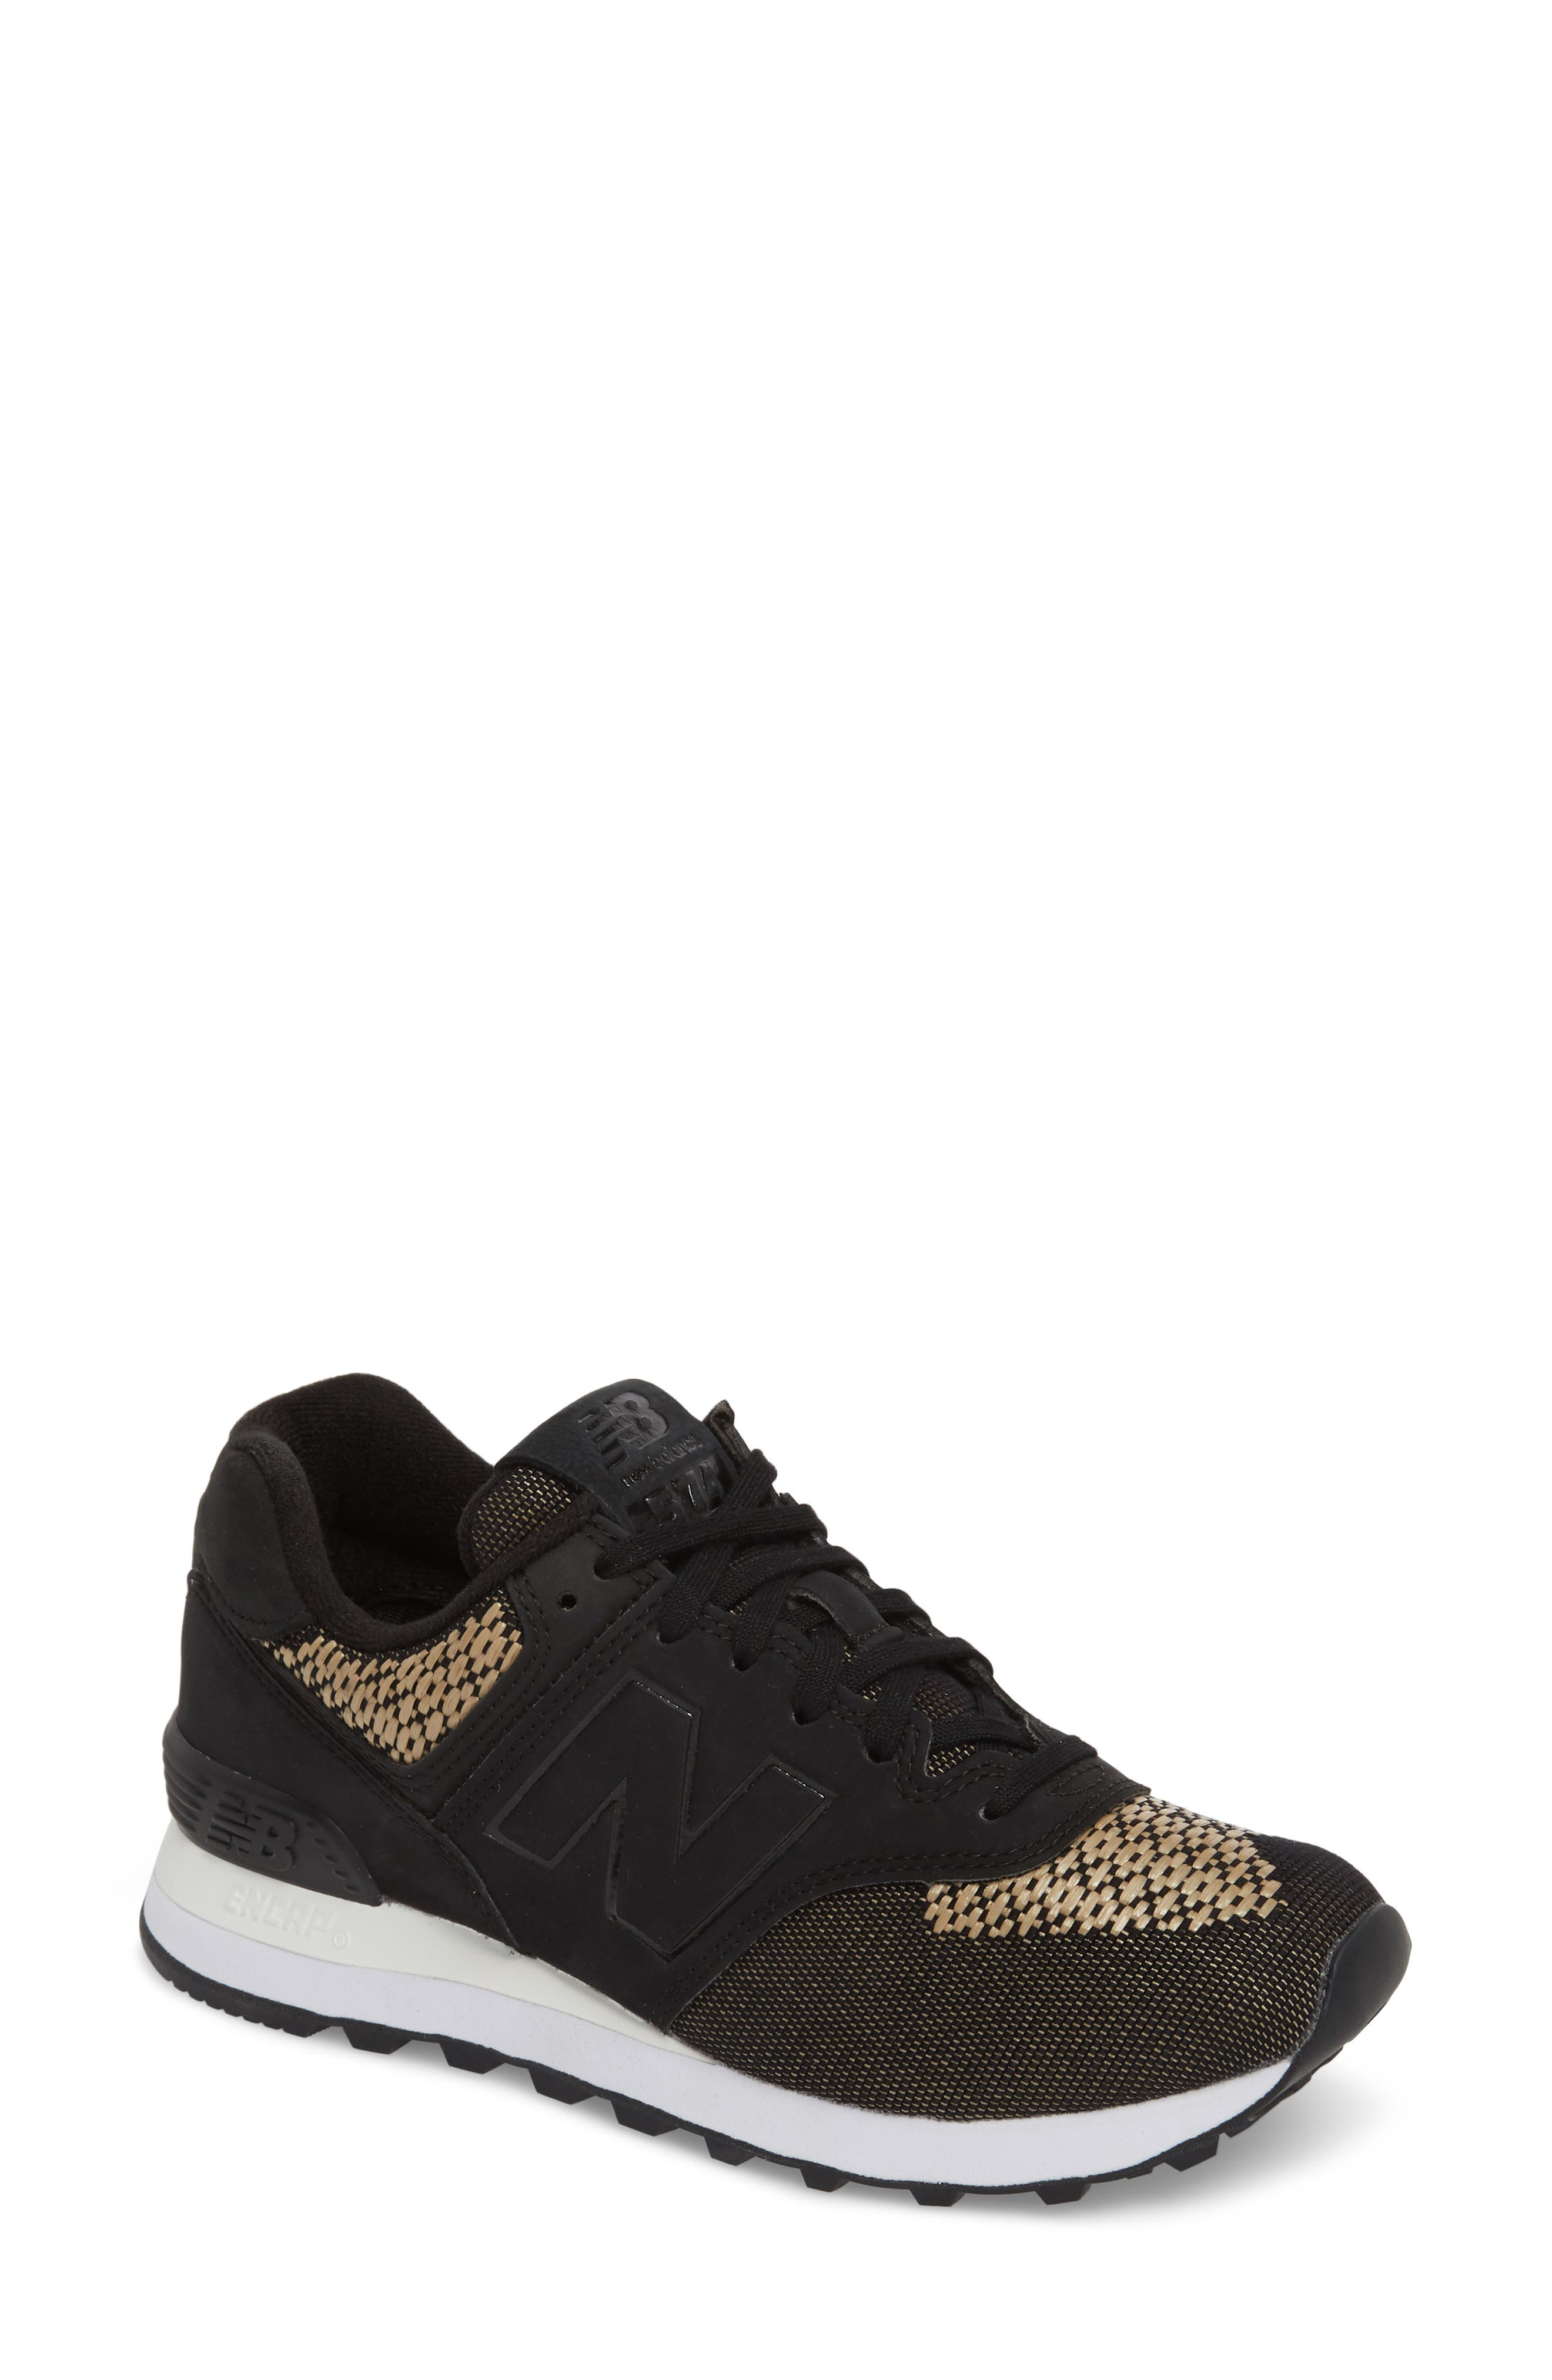 Women'S 574 Tech Raffia Lace Up Sneakers in Black